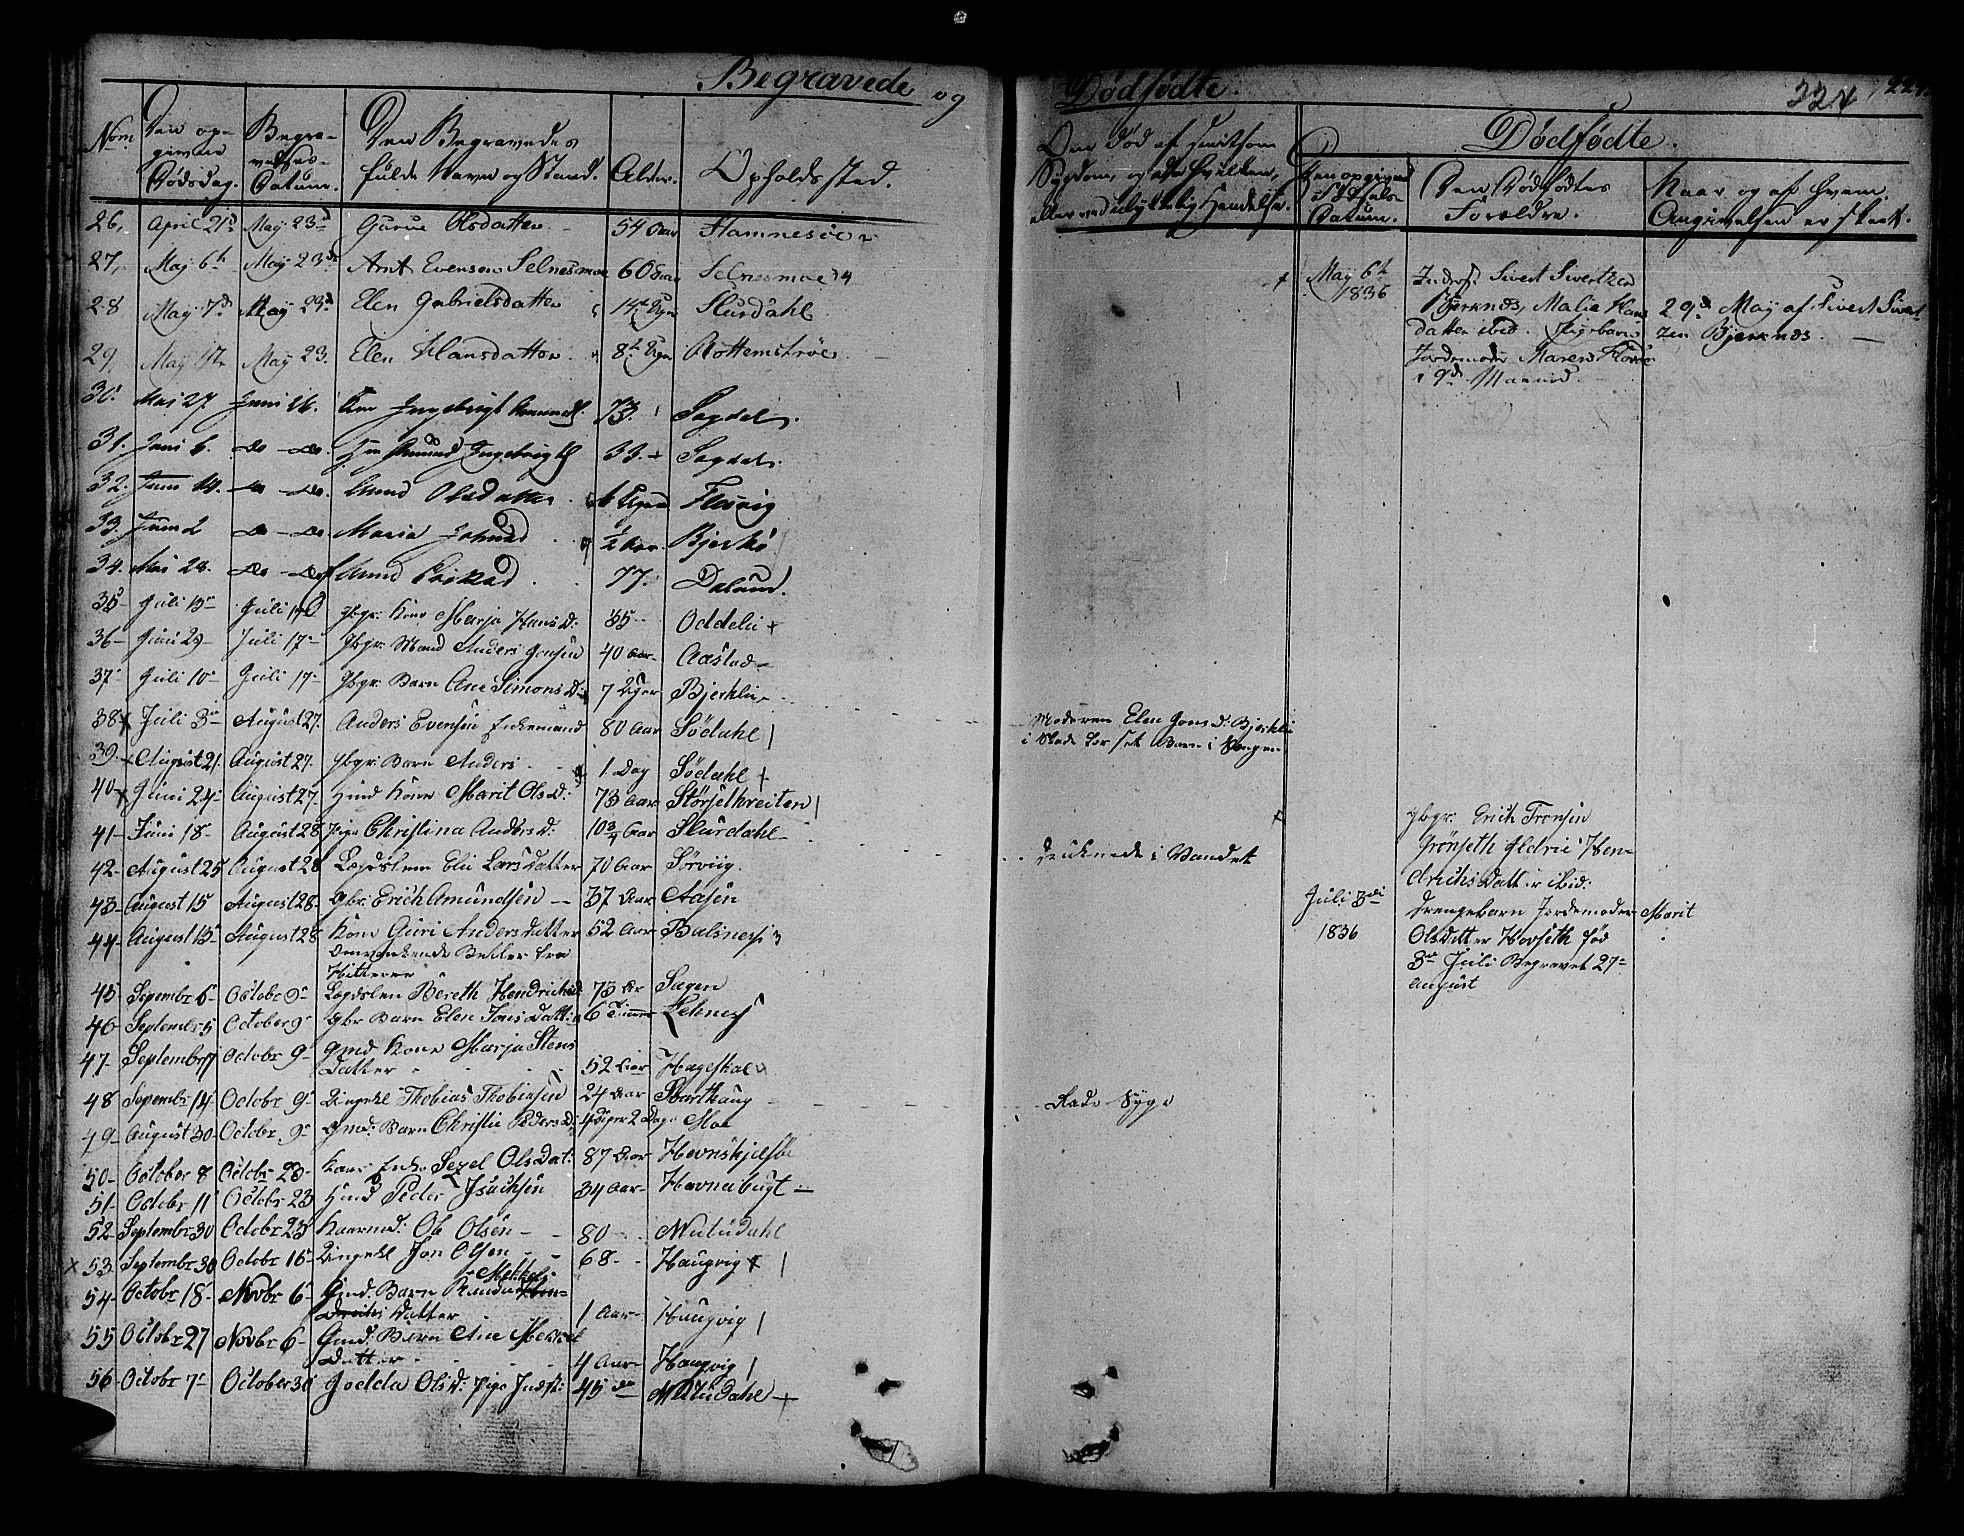 SAT, Ministerialprotokoller, klokkerbøker og fødselsregistre - Sør-Trøndelag, 630/L0492: Ministerialbok nr. 630A05, 1830-1840, s. 224